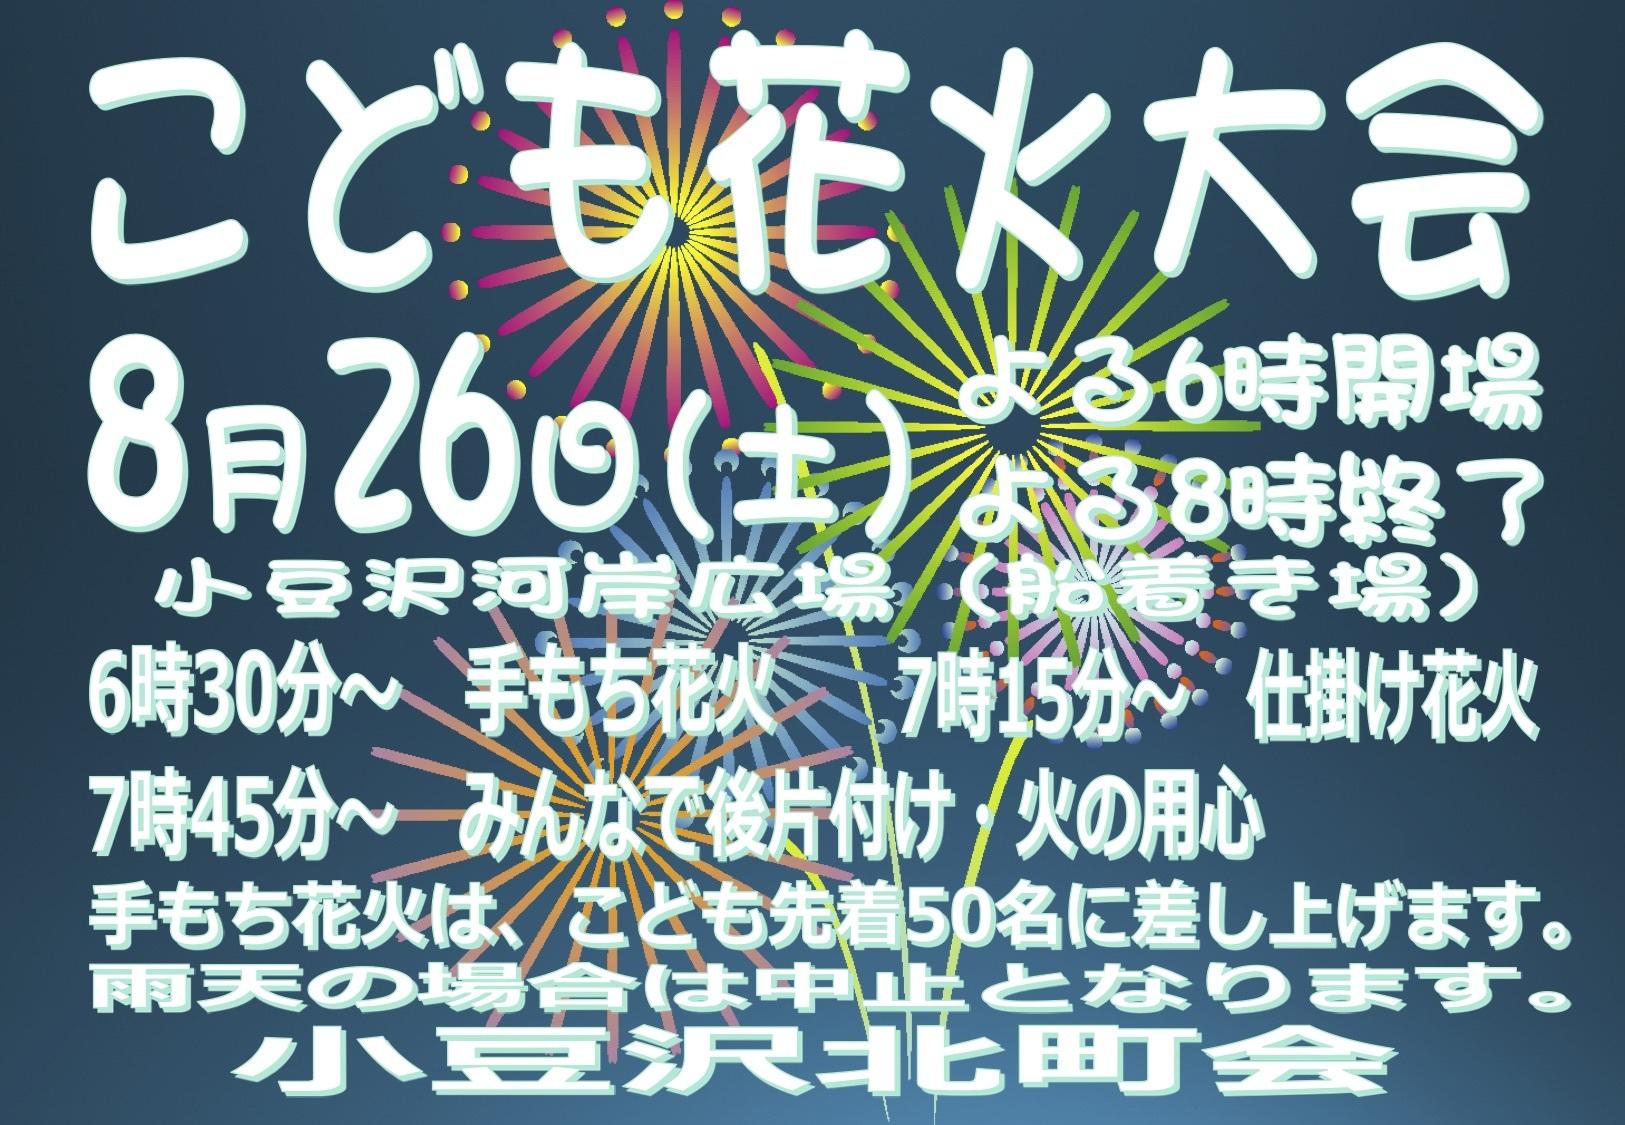 2017年8月26日(土)花火大会